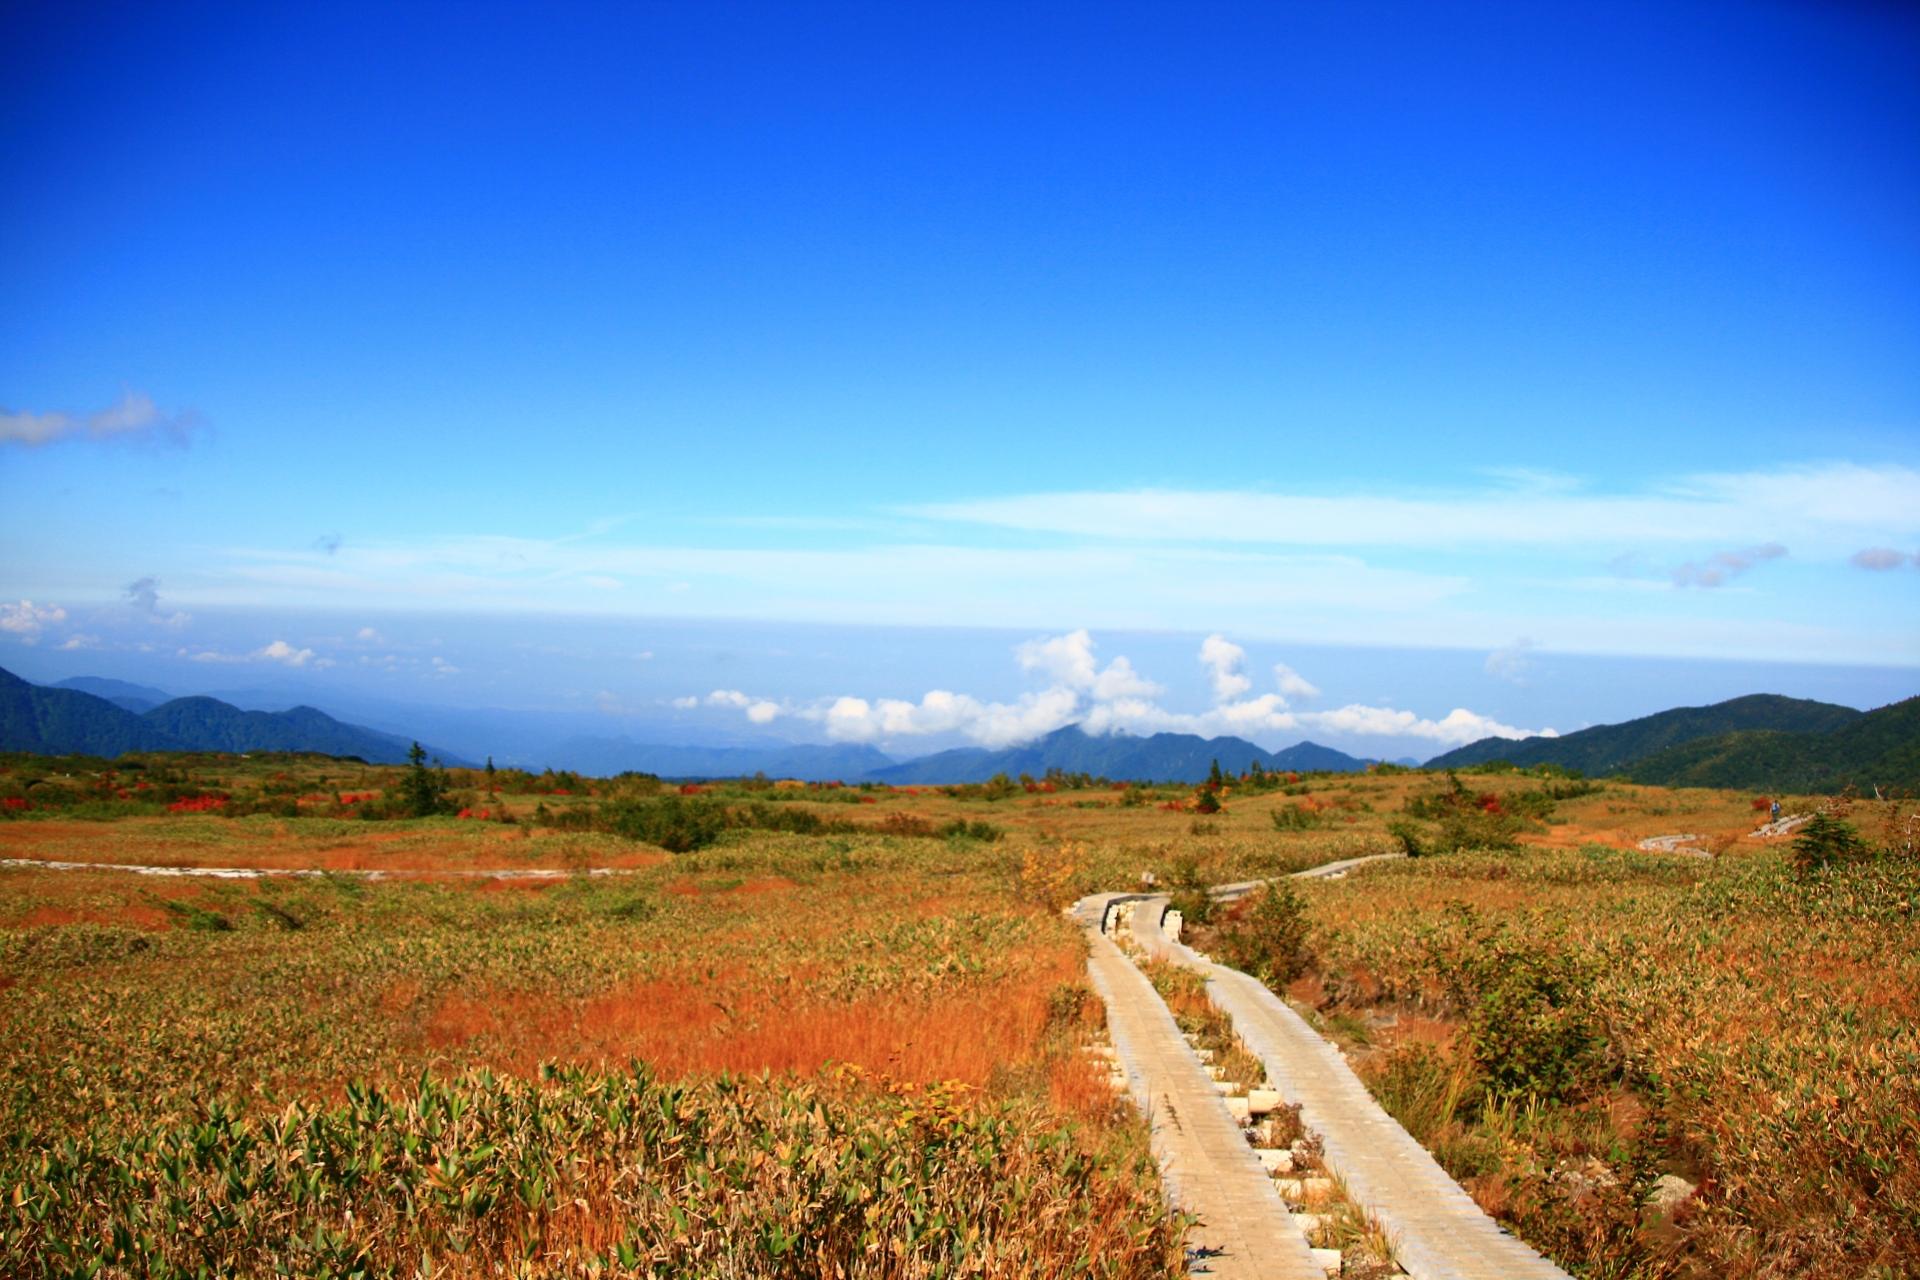 tateyama-kurobe-alpine-route-autumn